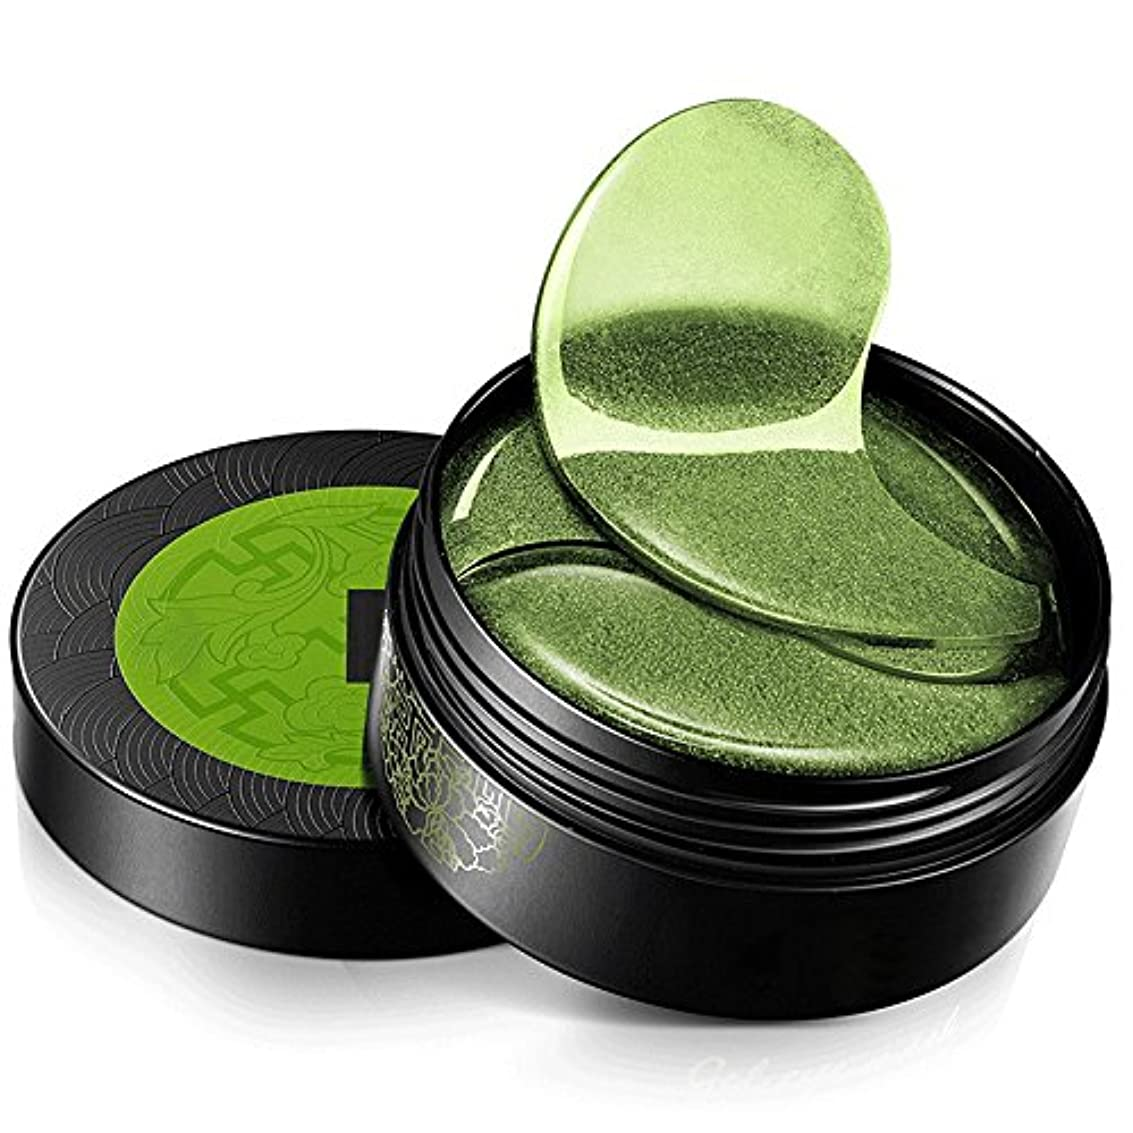 間に合わせ部族画像LULAA MEIKING 目元シート 目元パック 海藻成分 超浸透 潤い 保湿 しわ 浮腫 目くま ヒアルロン酸 天然 抗過敏 緑